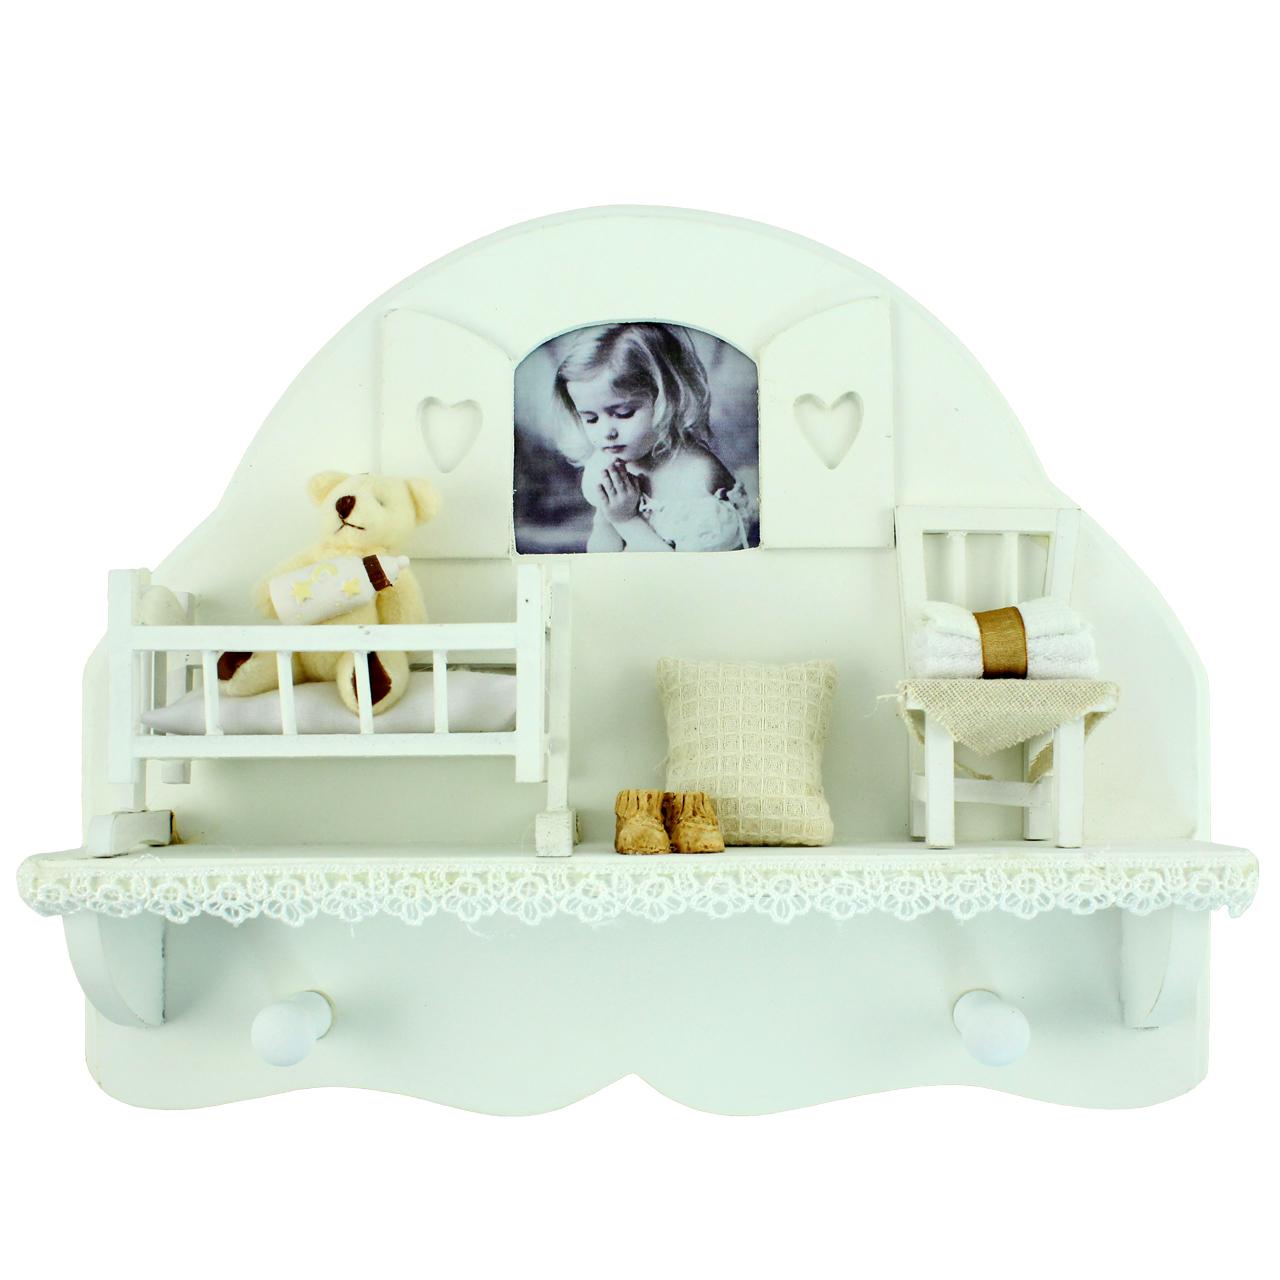 Cuier Decorativ Pentru Bebe Cu Rama Foto